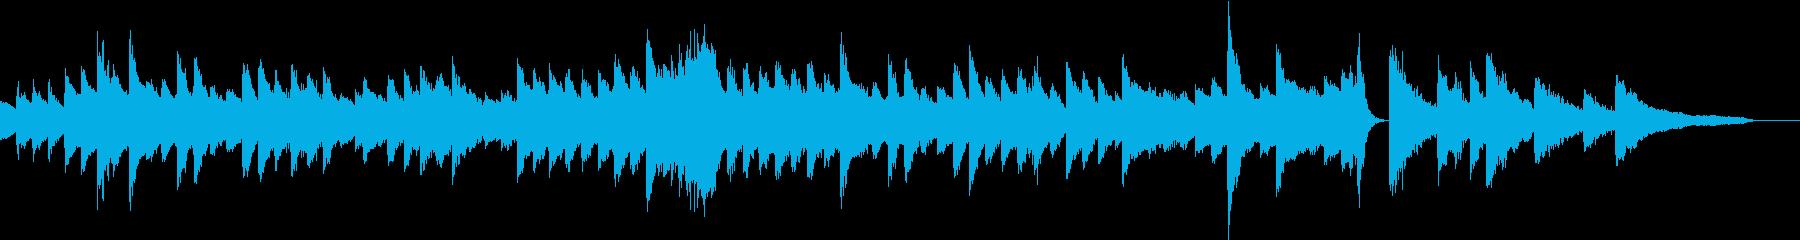 壮大なメロディの清々しいピアノジングルの再生済みの波形